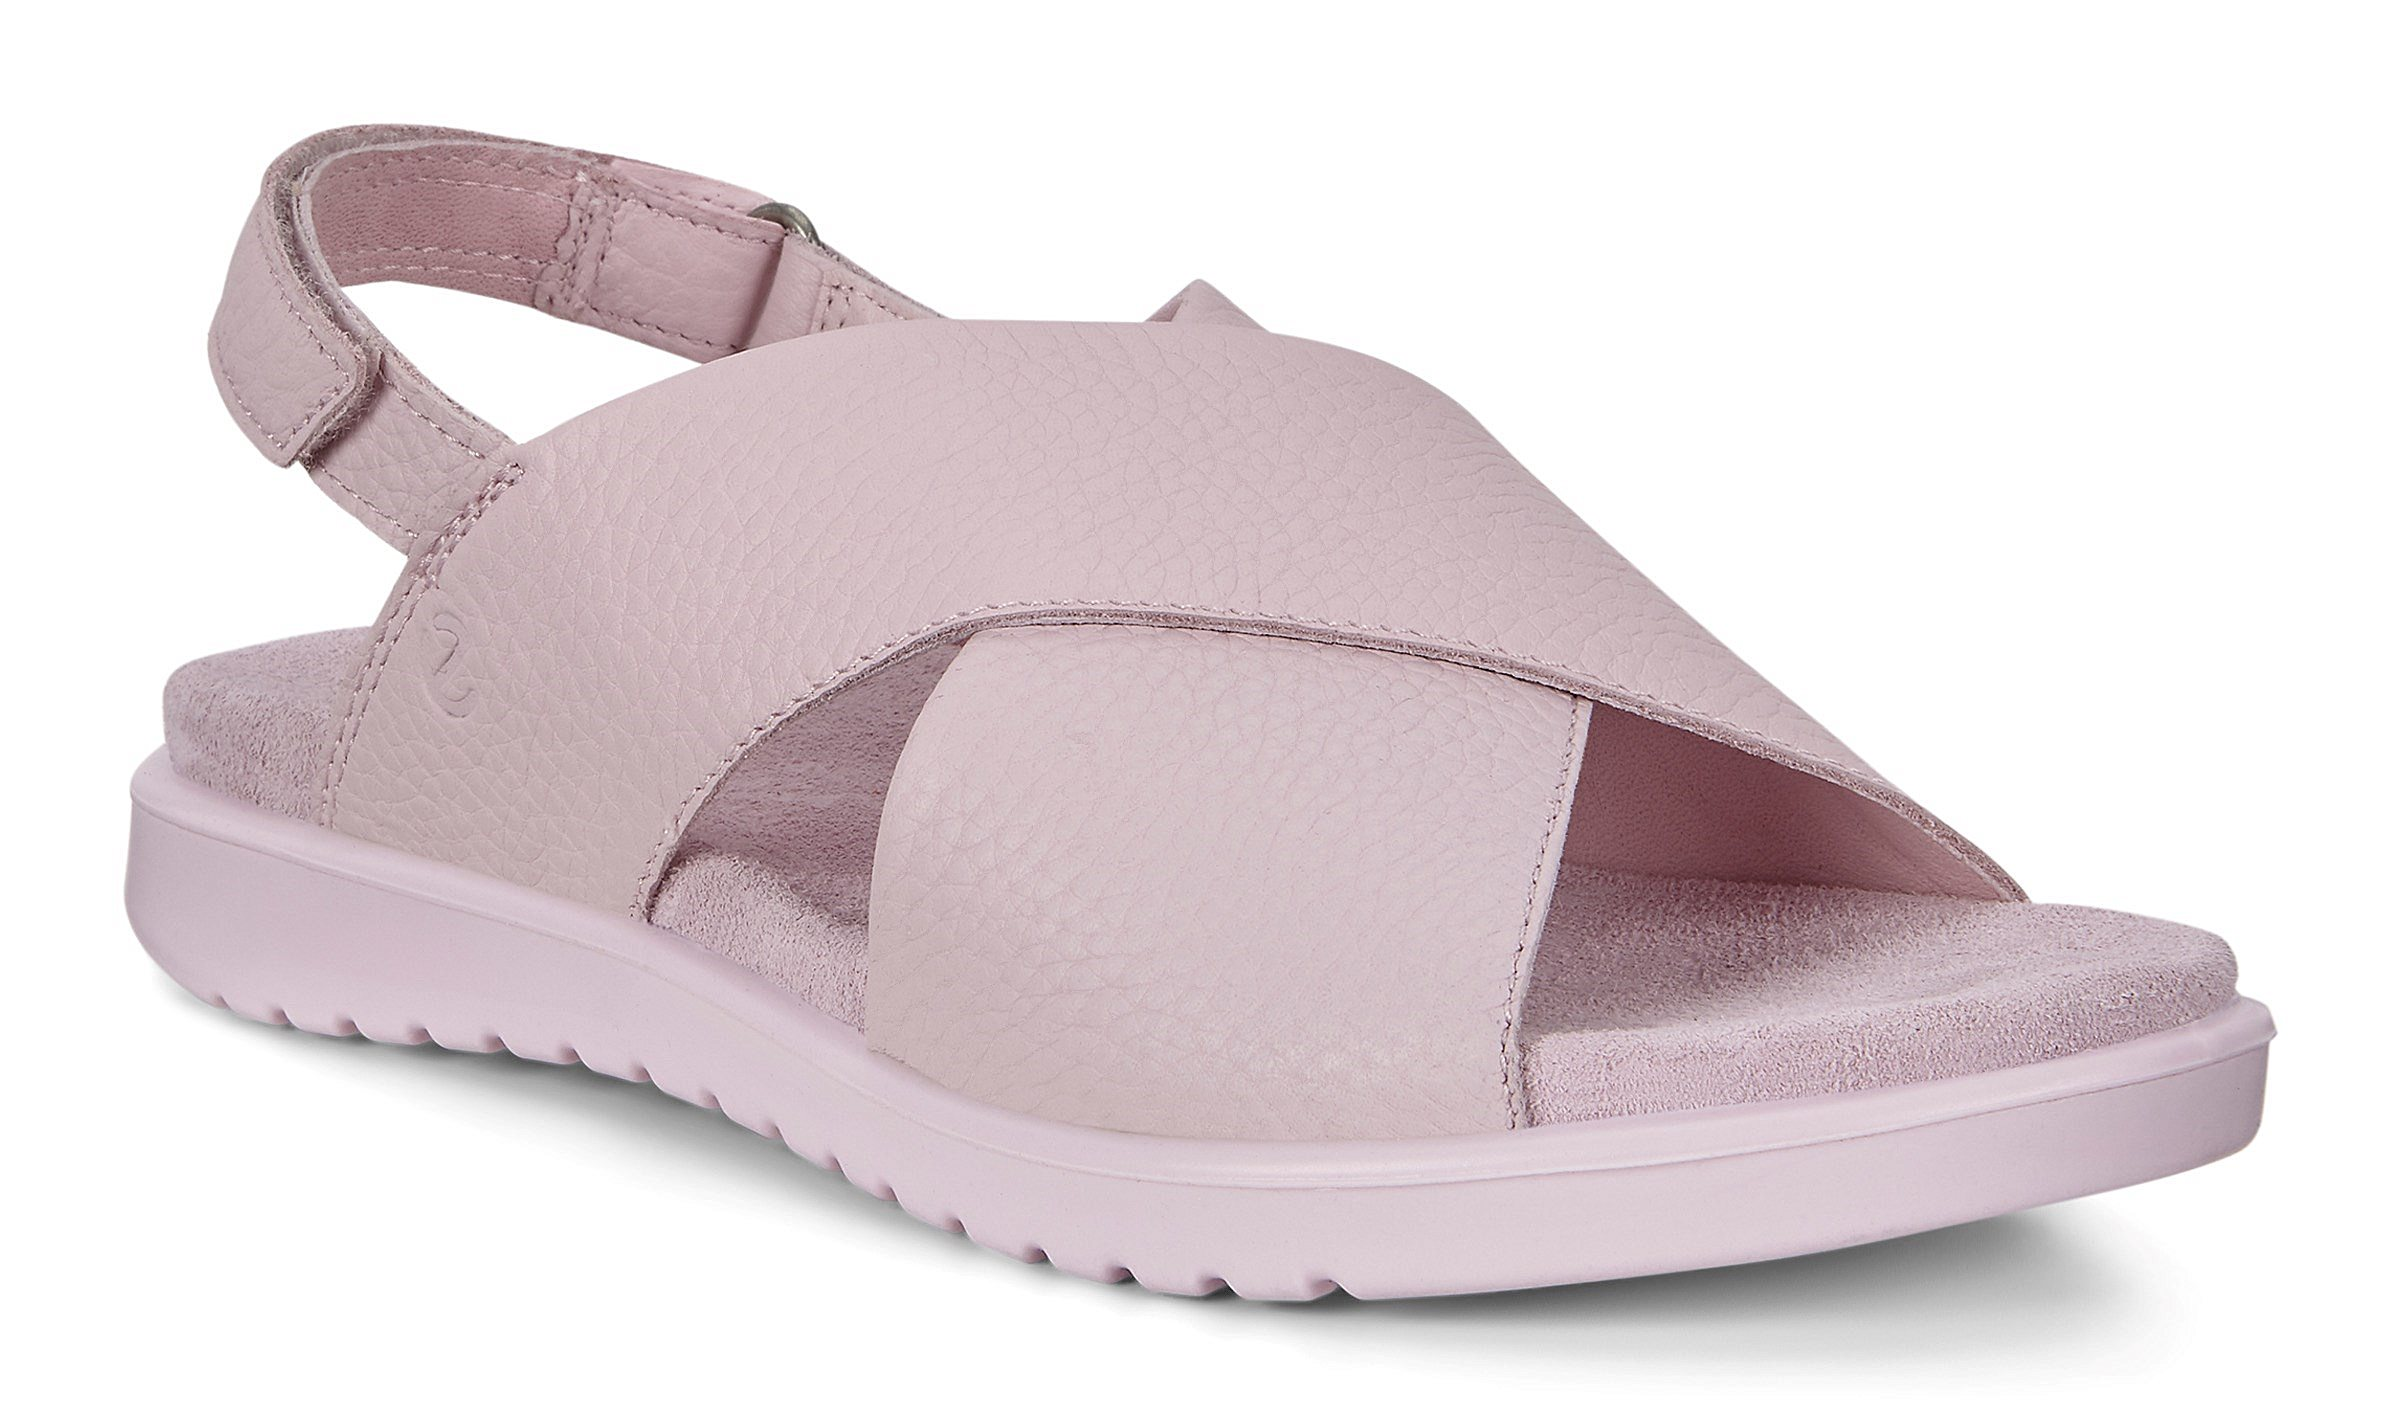 Sandalen für Mädchen | Im offiziellen ECCO® Shop einkaufen